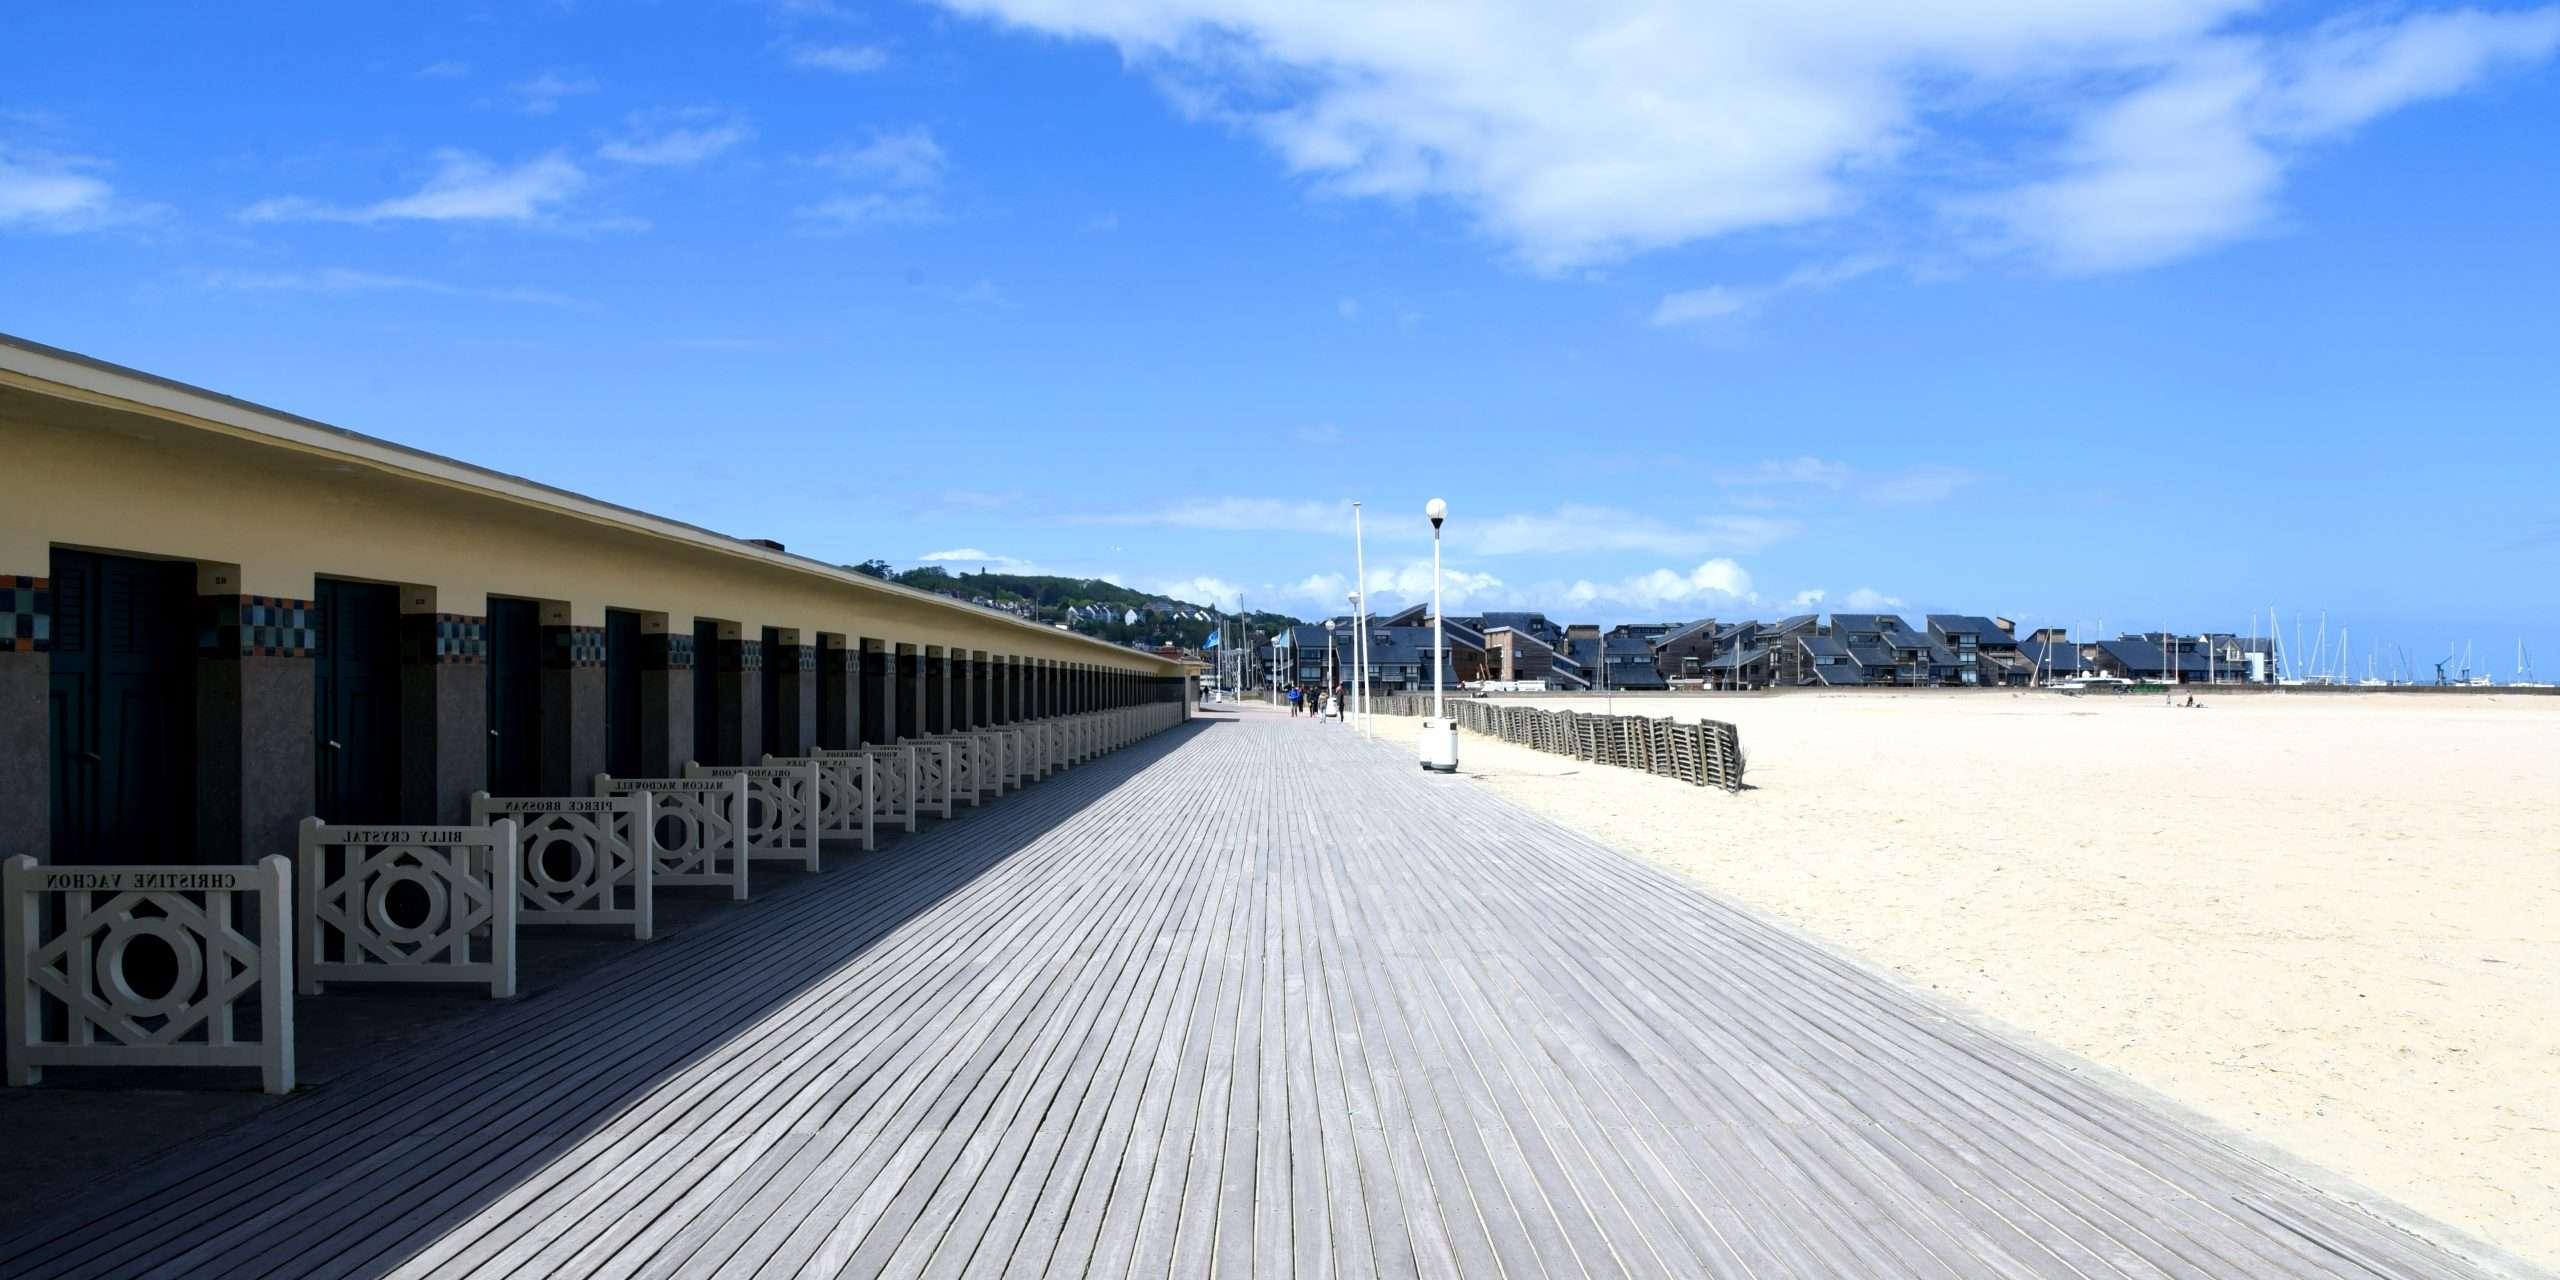 Deauville plus belle plage de France où se rendre cet été